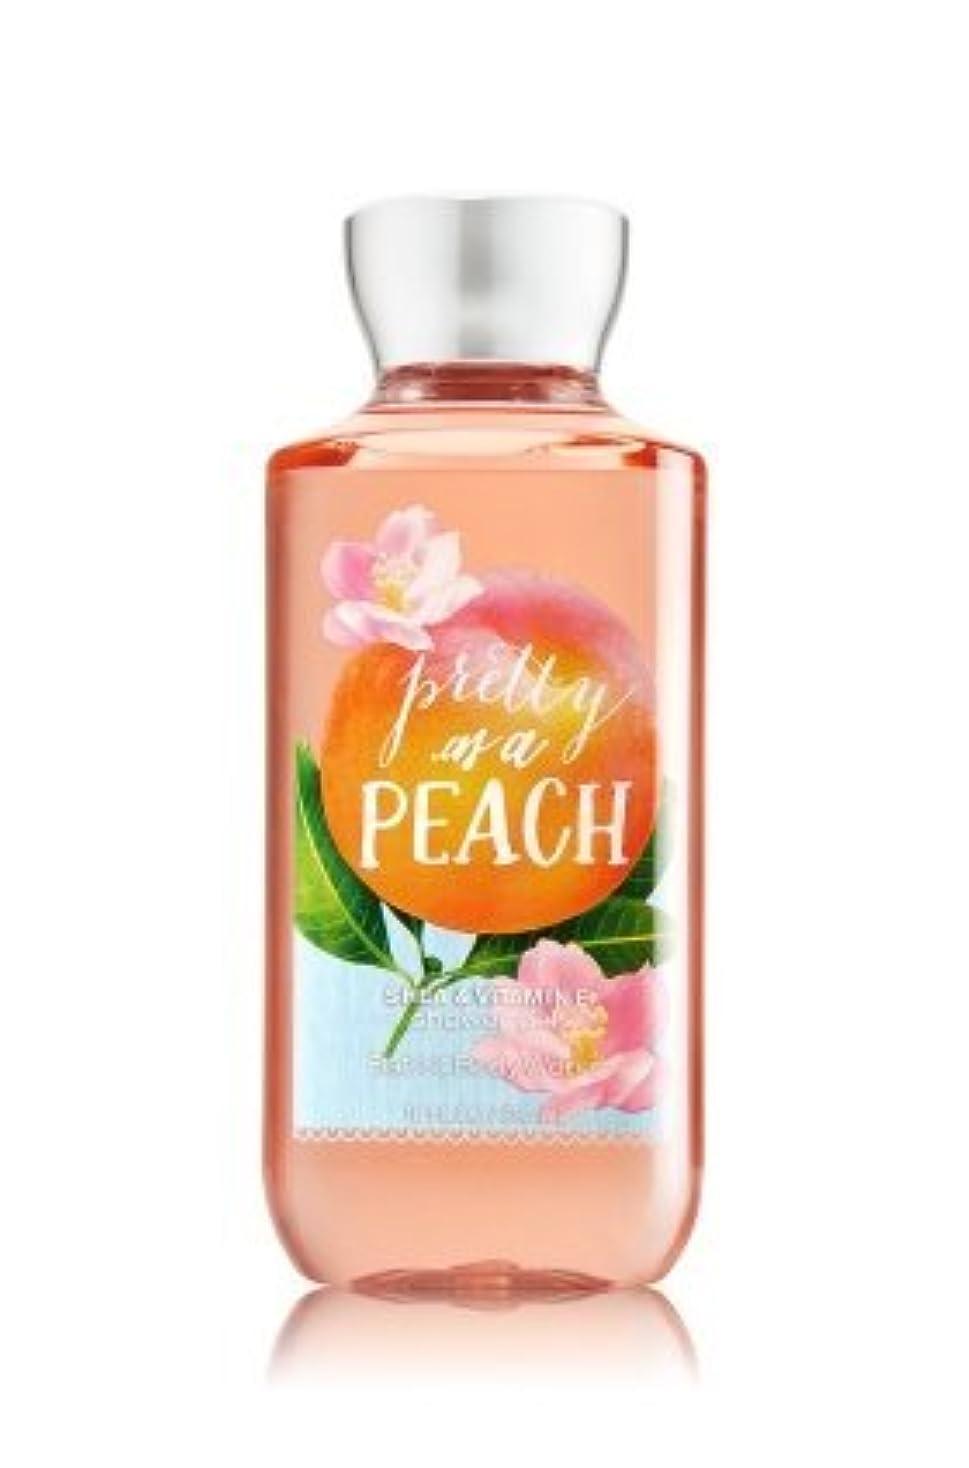 治療有害な証明書【Bath&Body Works/バス&ボディワークス】 シャワージェル プリティーアズアピーチ Shower Gel Pretty as a Peach 10 fl oz / 295 mL [並行輸入品]